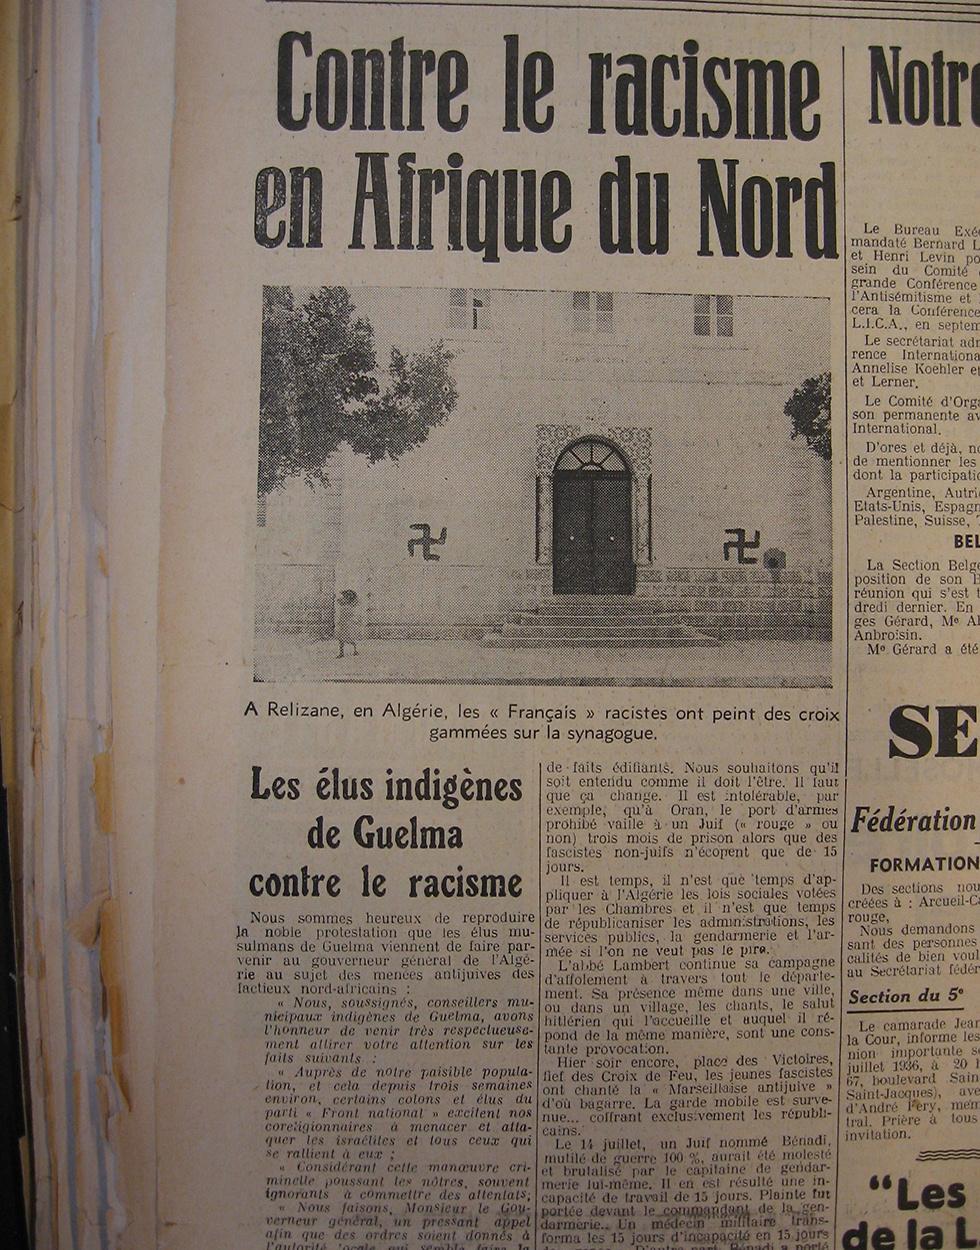 דיווח בעיתון באלג'יריה על ההתנכלות ליהודים (צילום: The Ben-Zvi Institute)